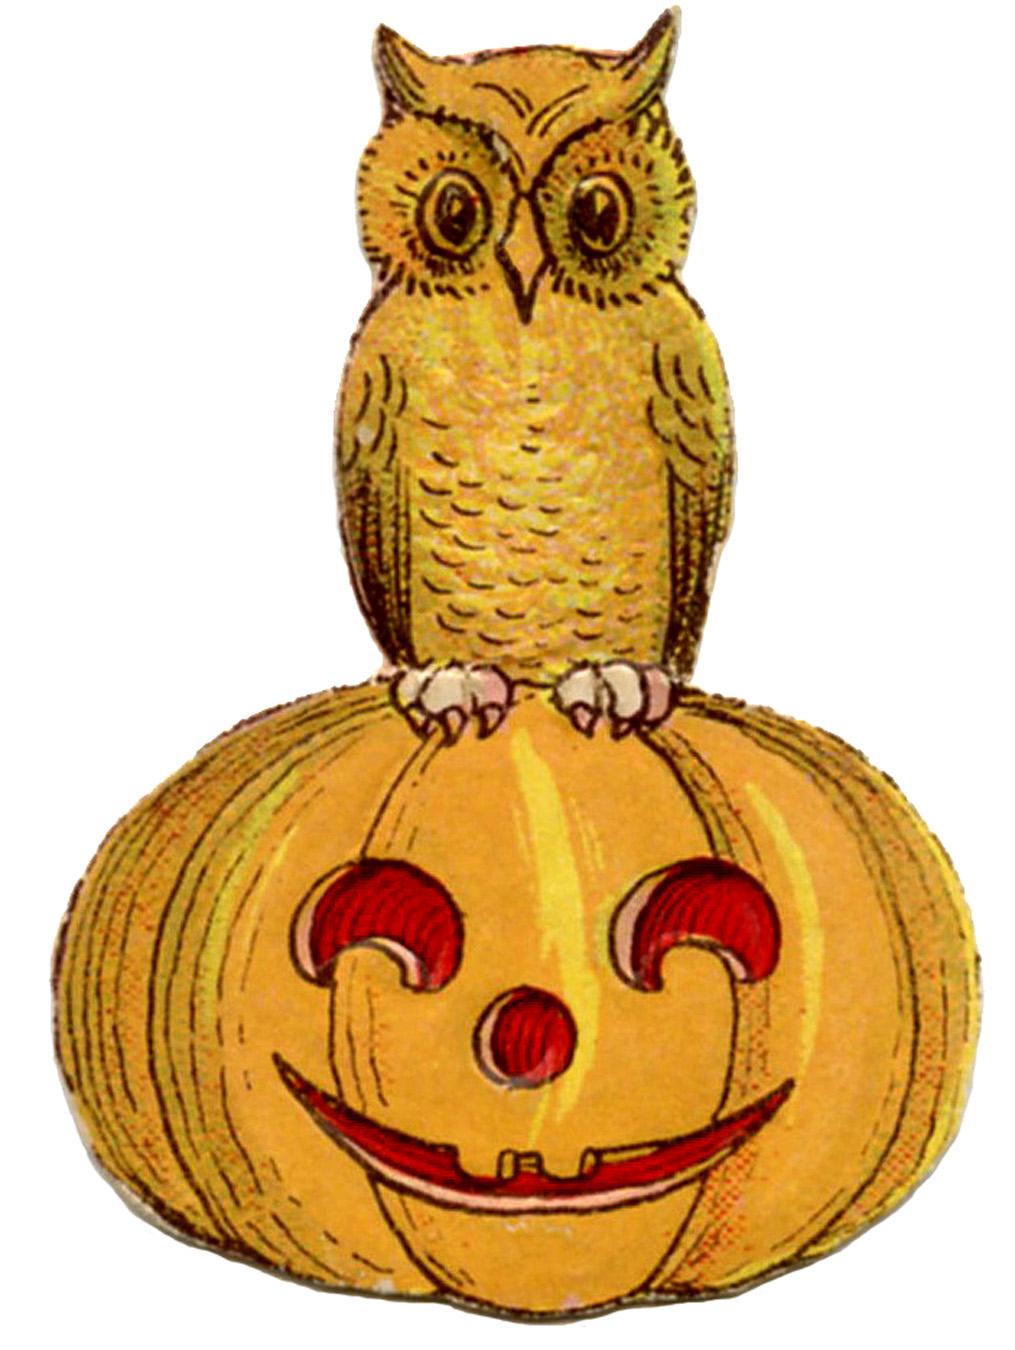 Vintage Halloween Clip Art U2013 Cute Ow-Vintage Halloween Clip Art u2013 Cute Owl on Pumpkin-11